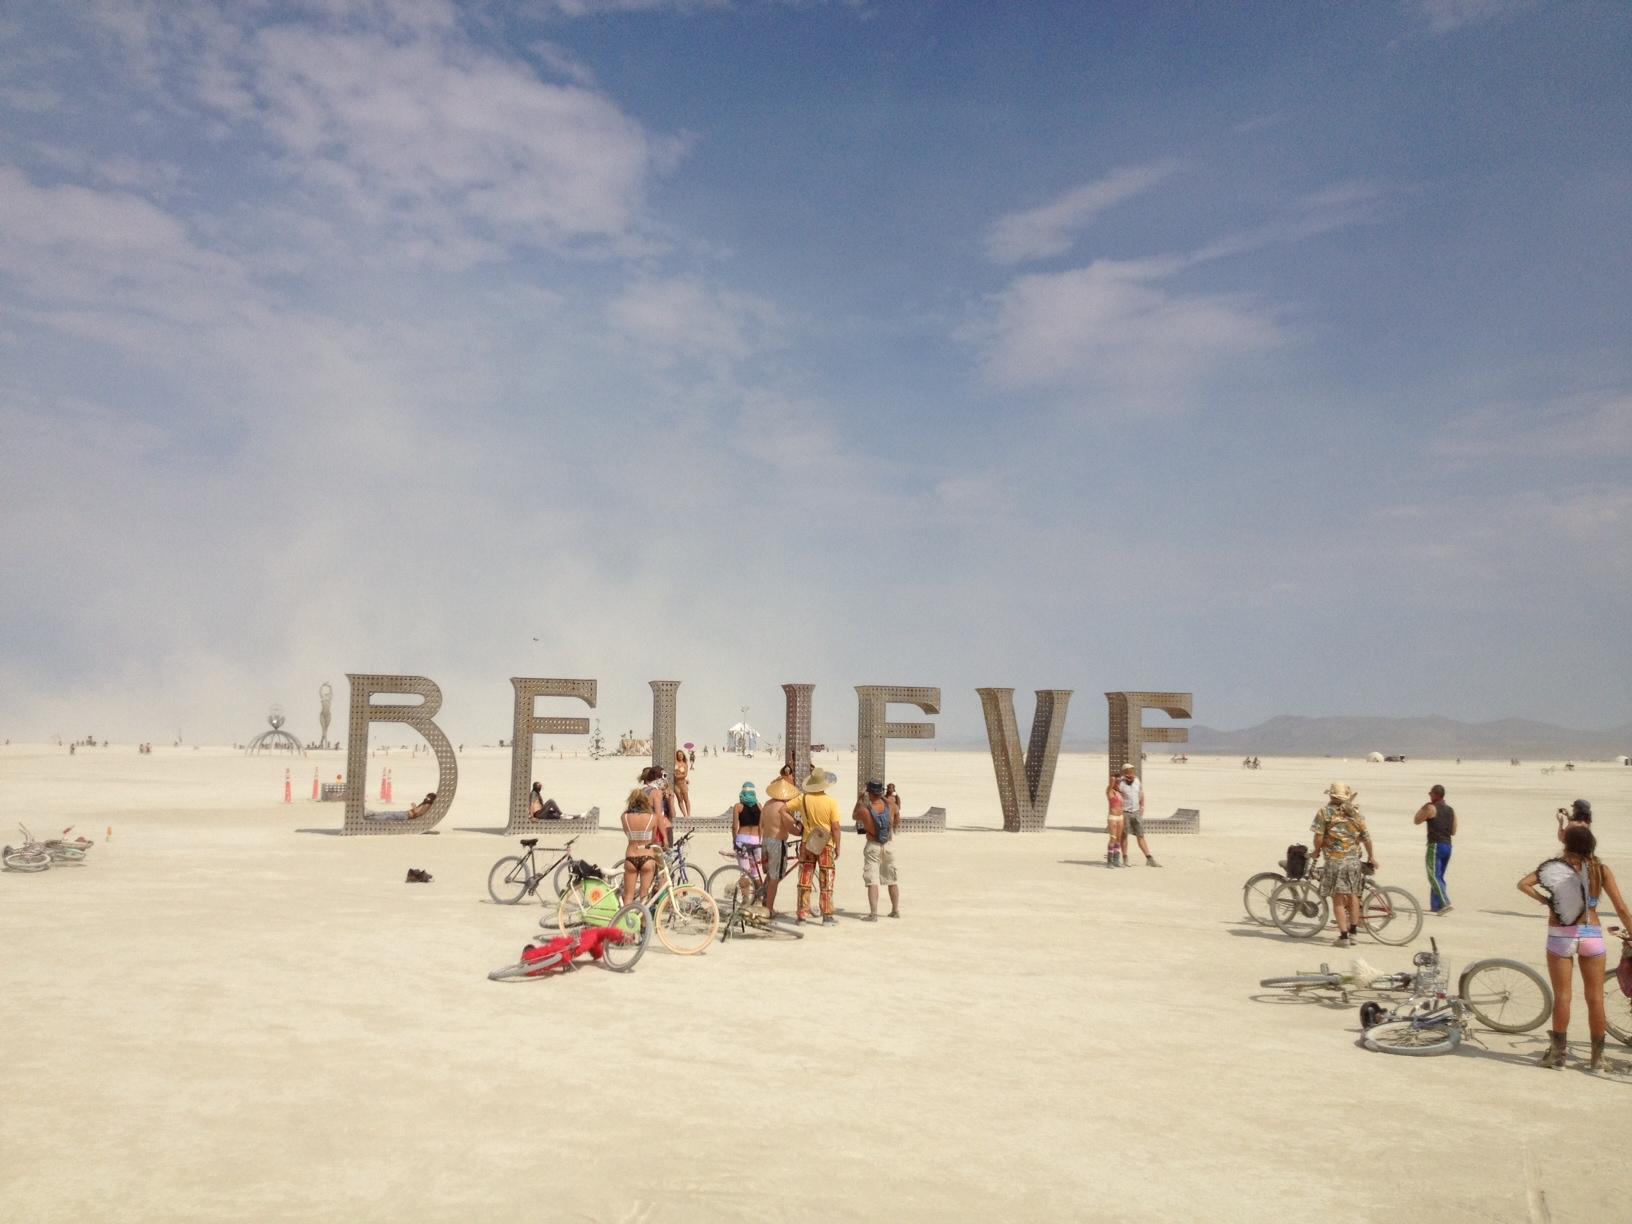 Burning Man Art Festival 22